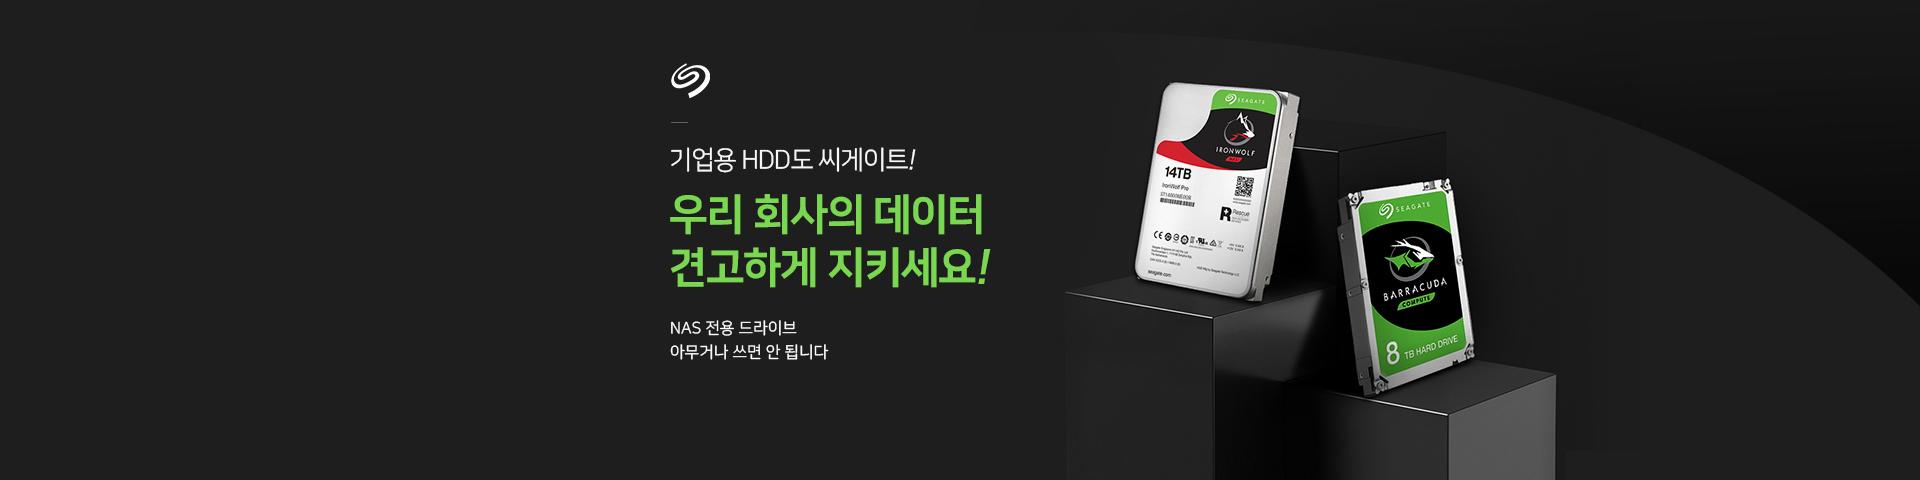 [씨게이트] 기업용 HDD 모음 기획전